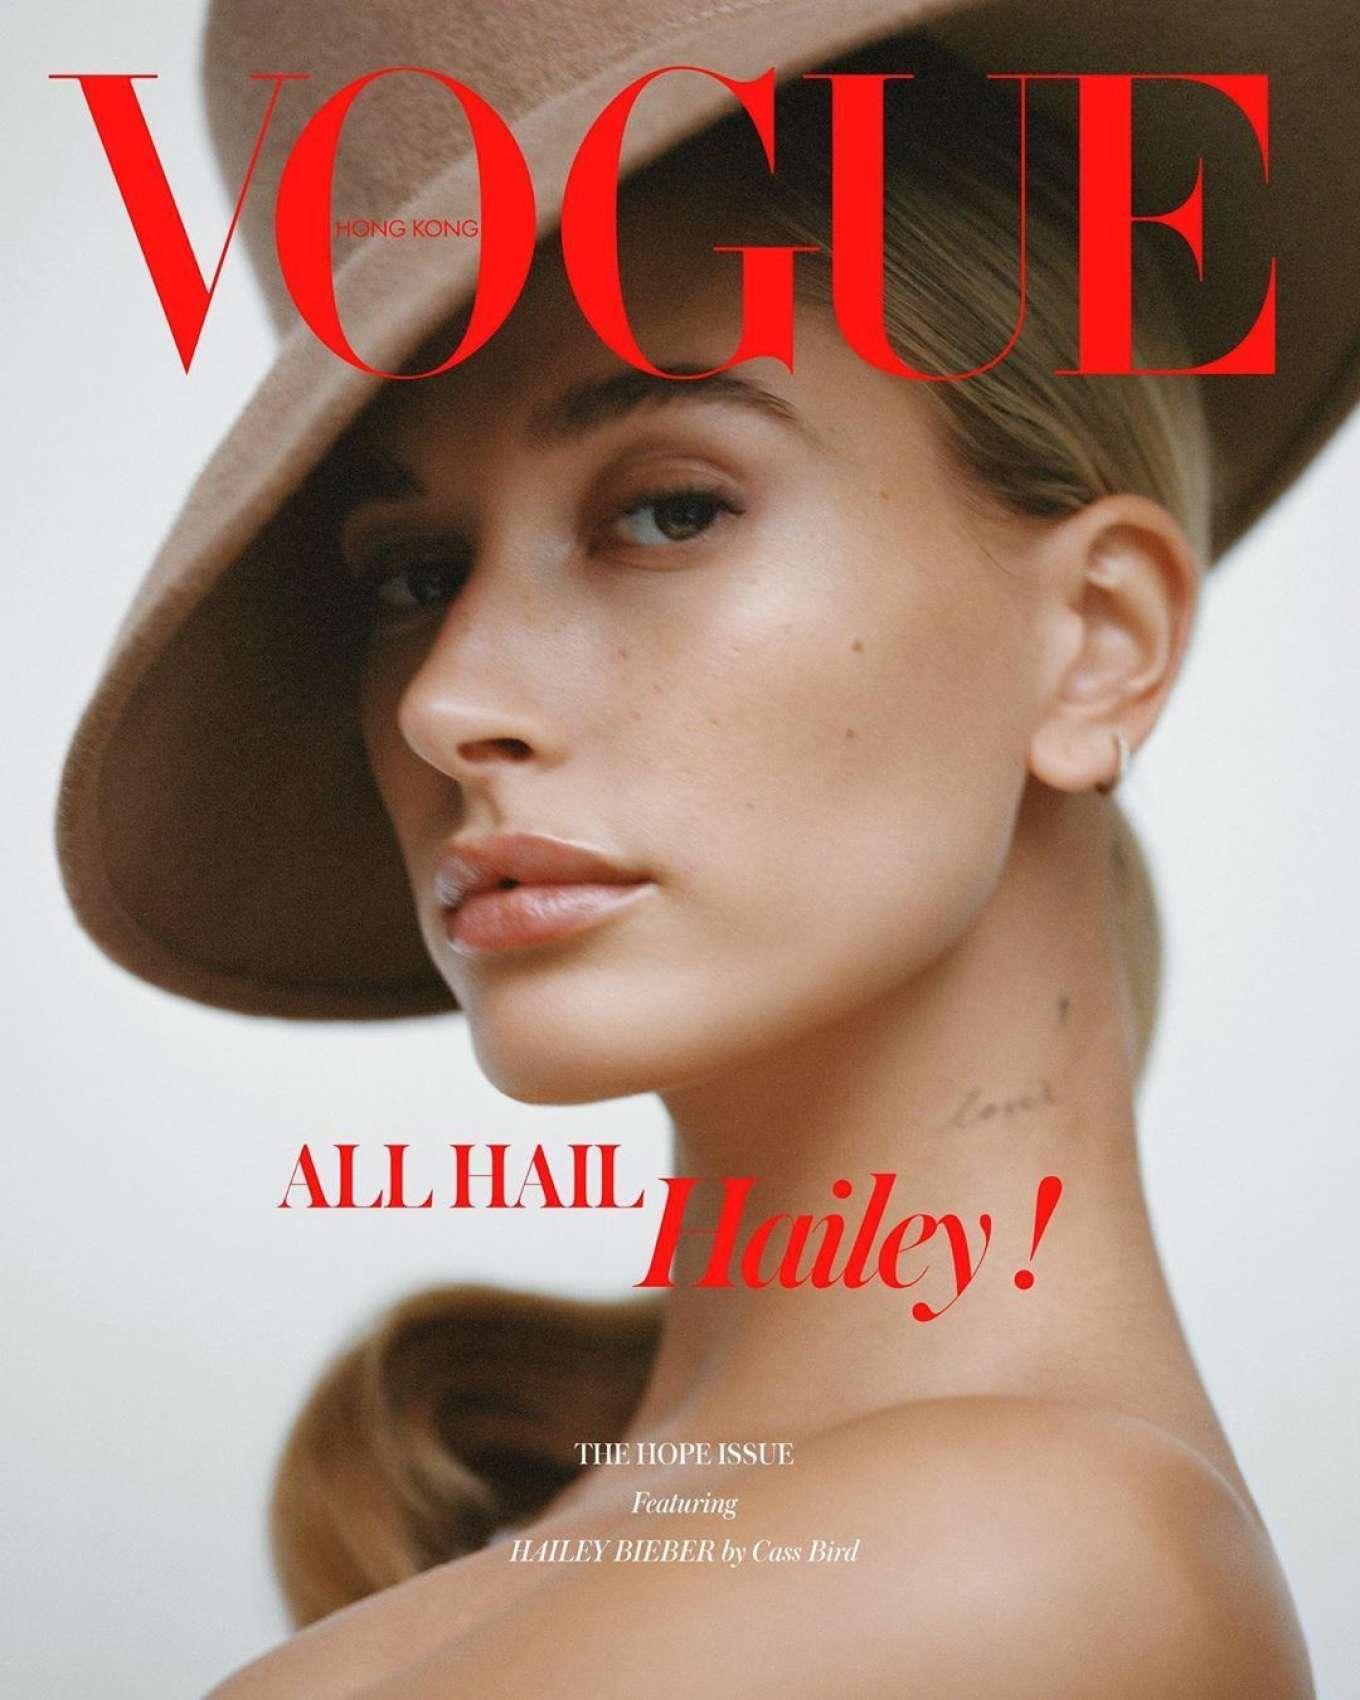 Hailey Bieber for Vogue Hong Kong 2019-02